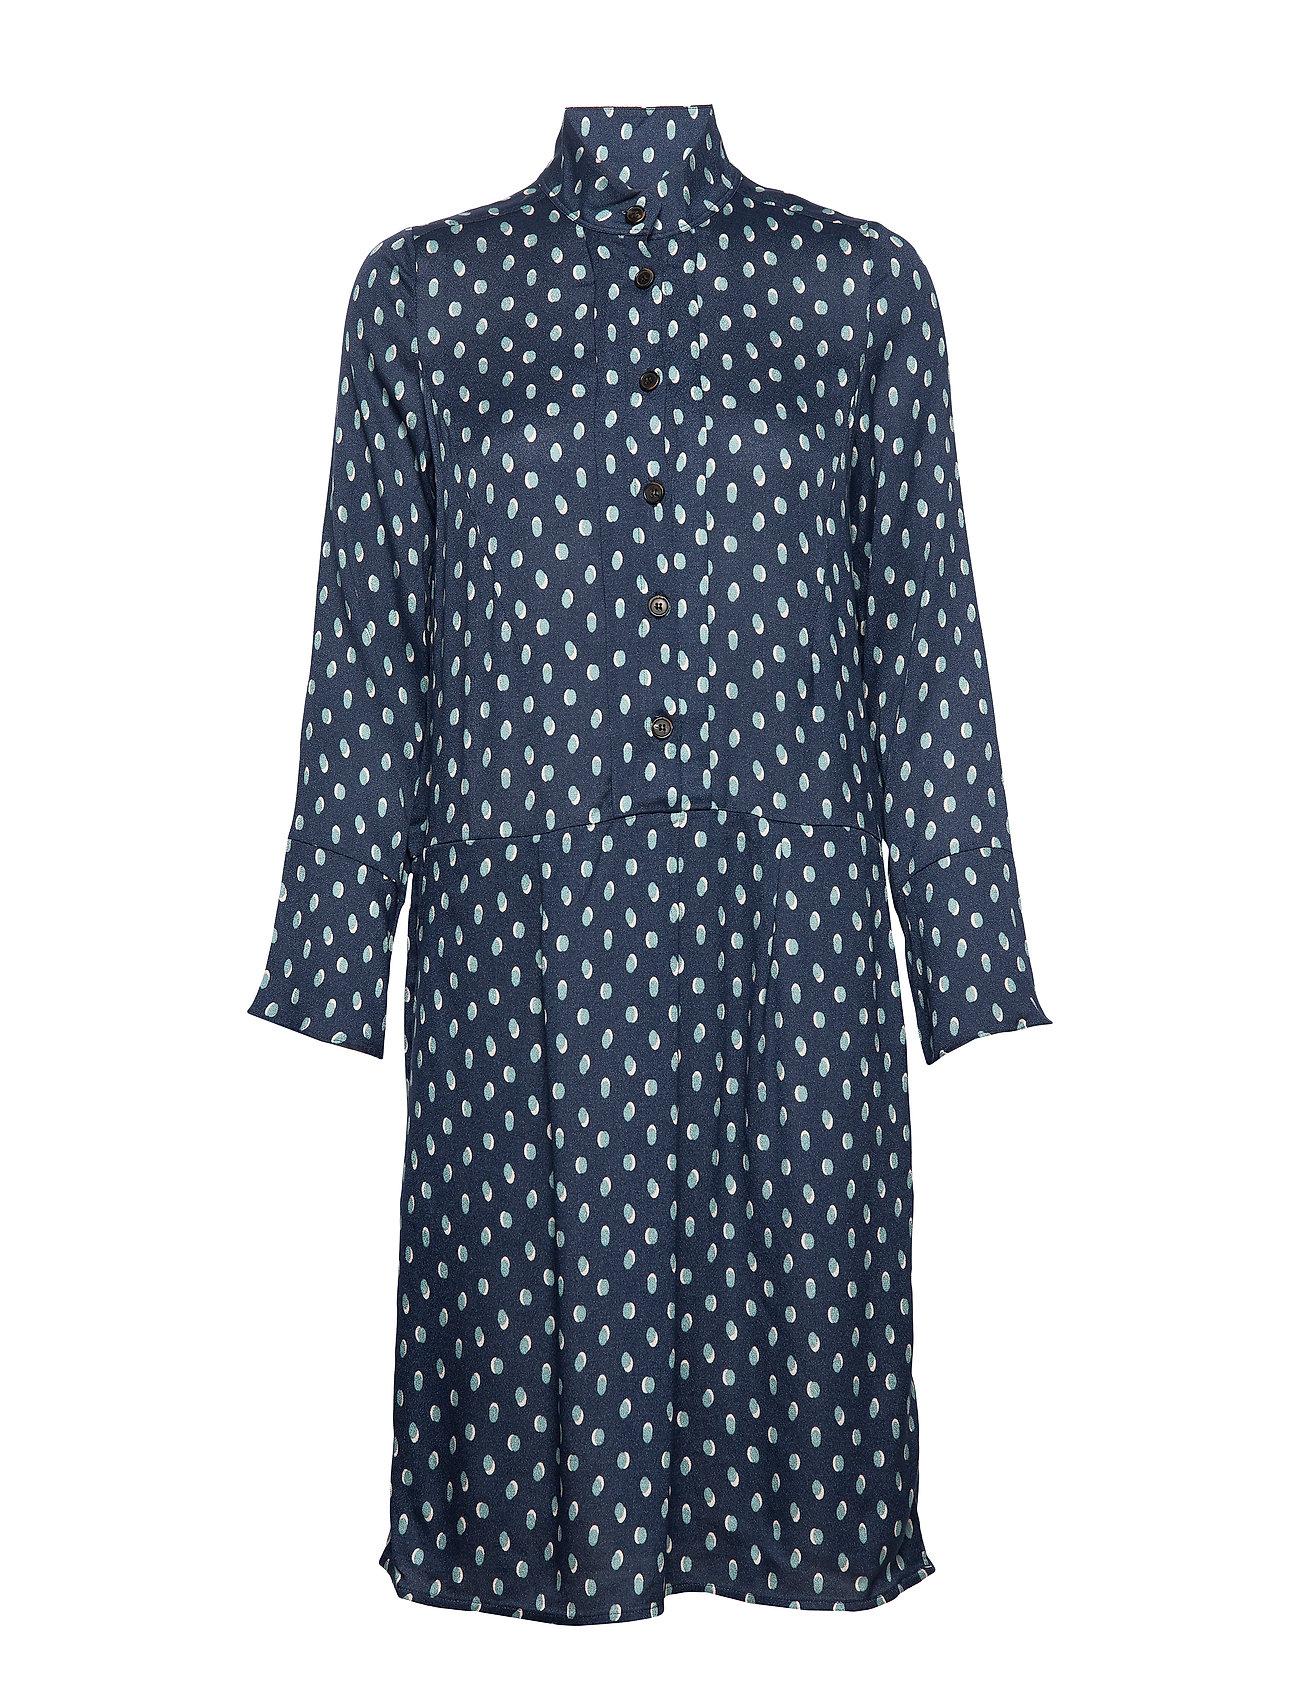 Noa Noa Dress long sleeve - PRINT BLUE